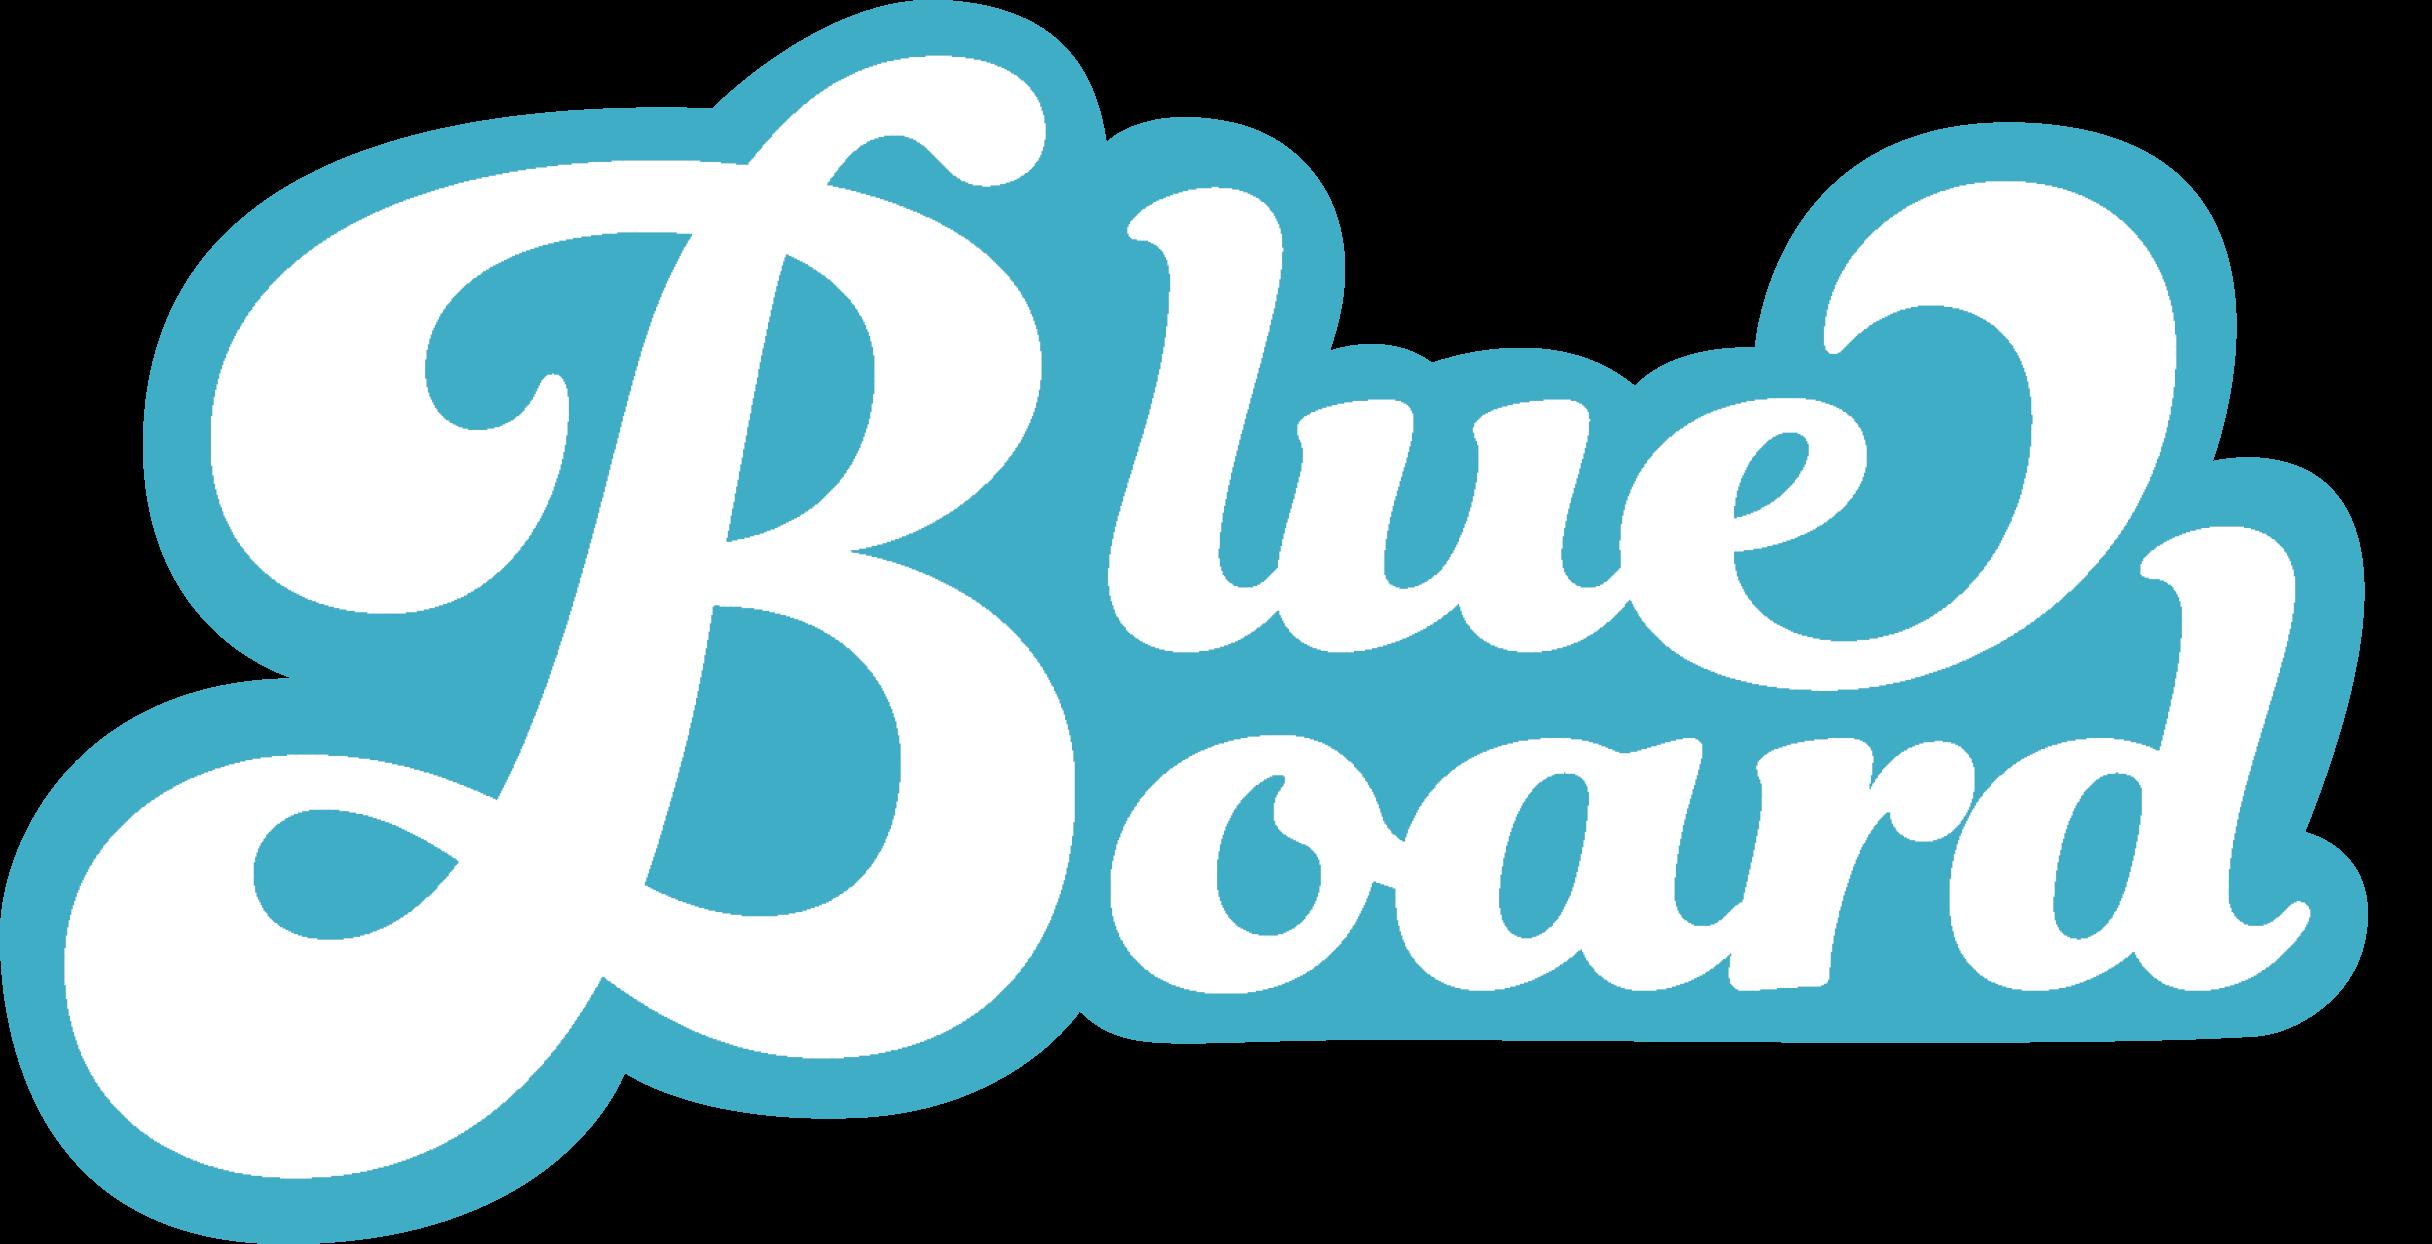 5672633-0-blueboard-logo